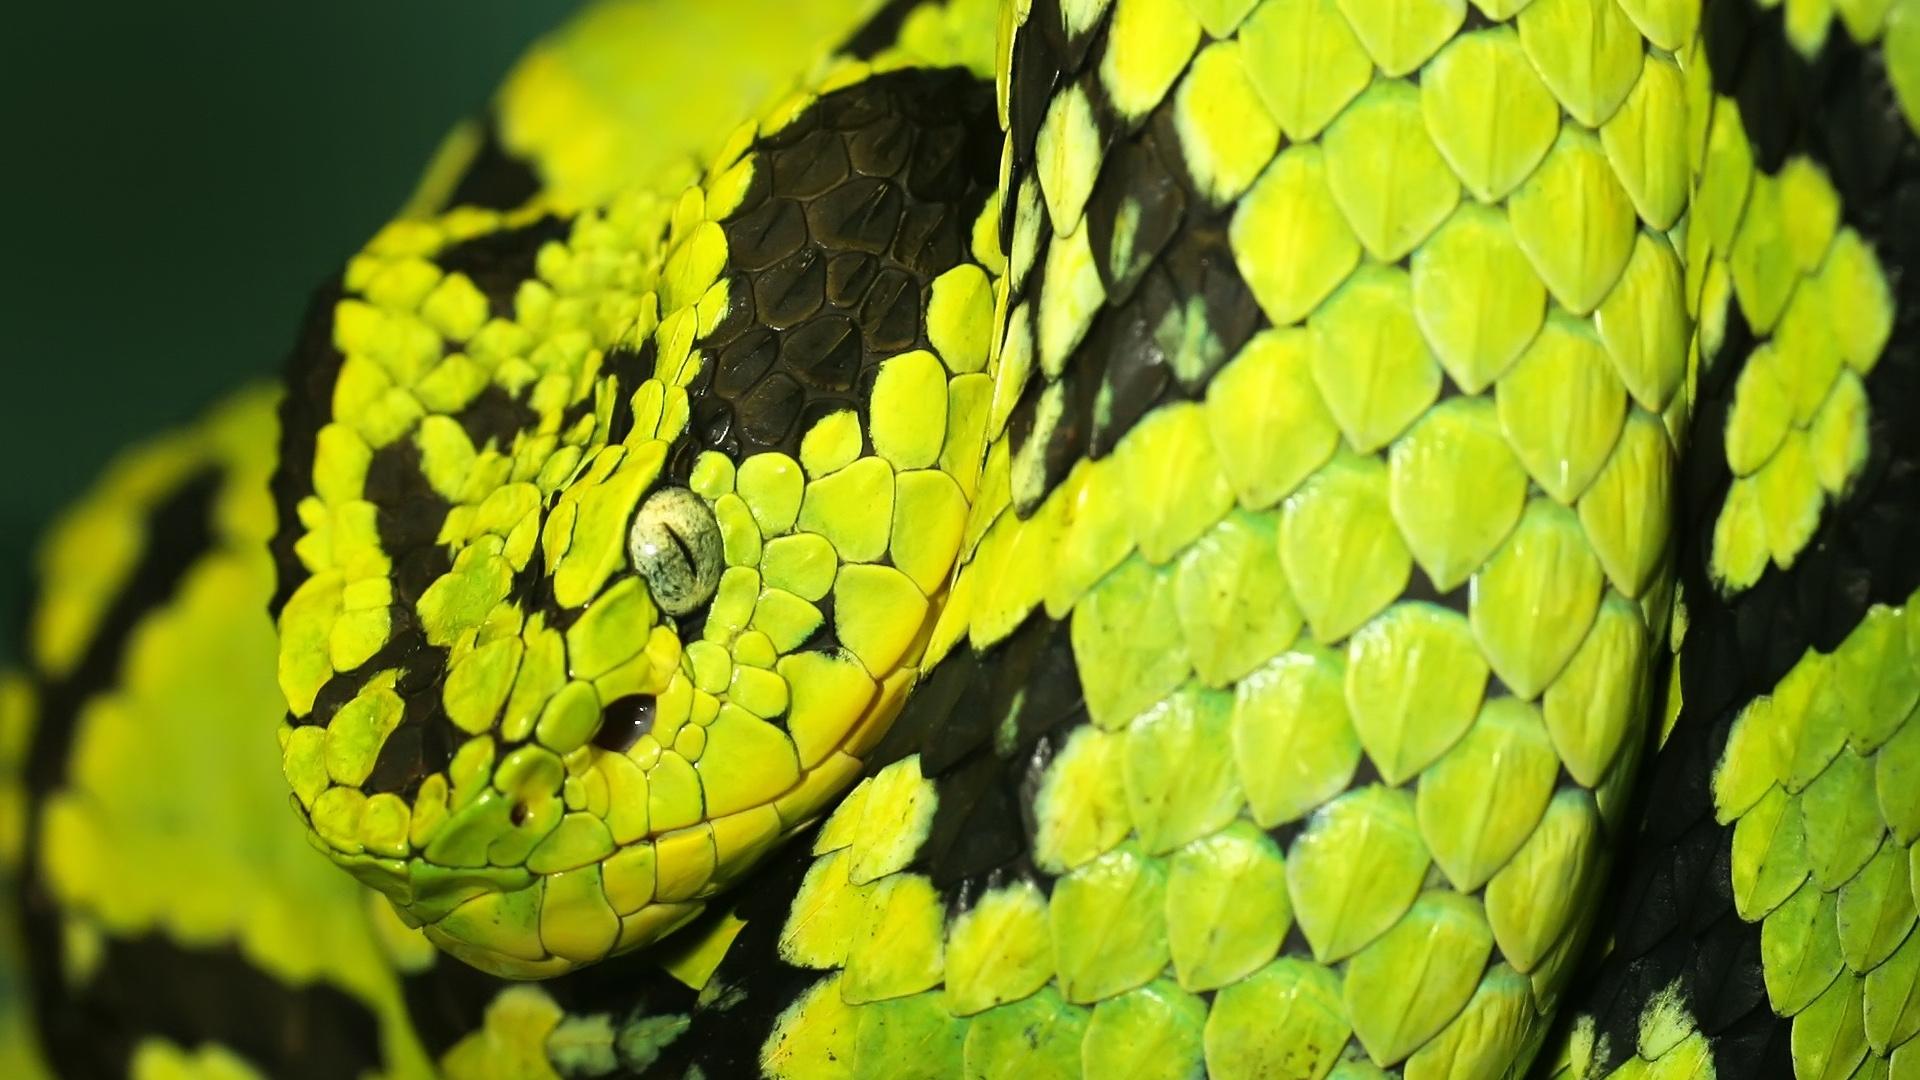 http://4.bp.blogspot.com/-GtwOwrnWhBI/UDoI5fcJpeI/AAAAAAAAHo4/5qHJQr1H9G0/s0/green-and-black-snake-1920x1080-wallpaper.jpg